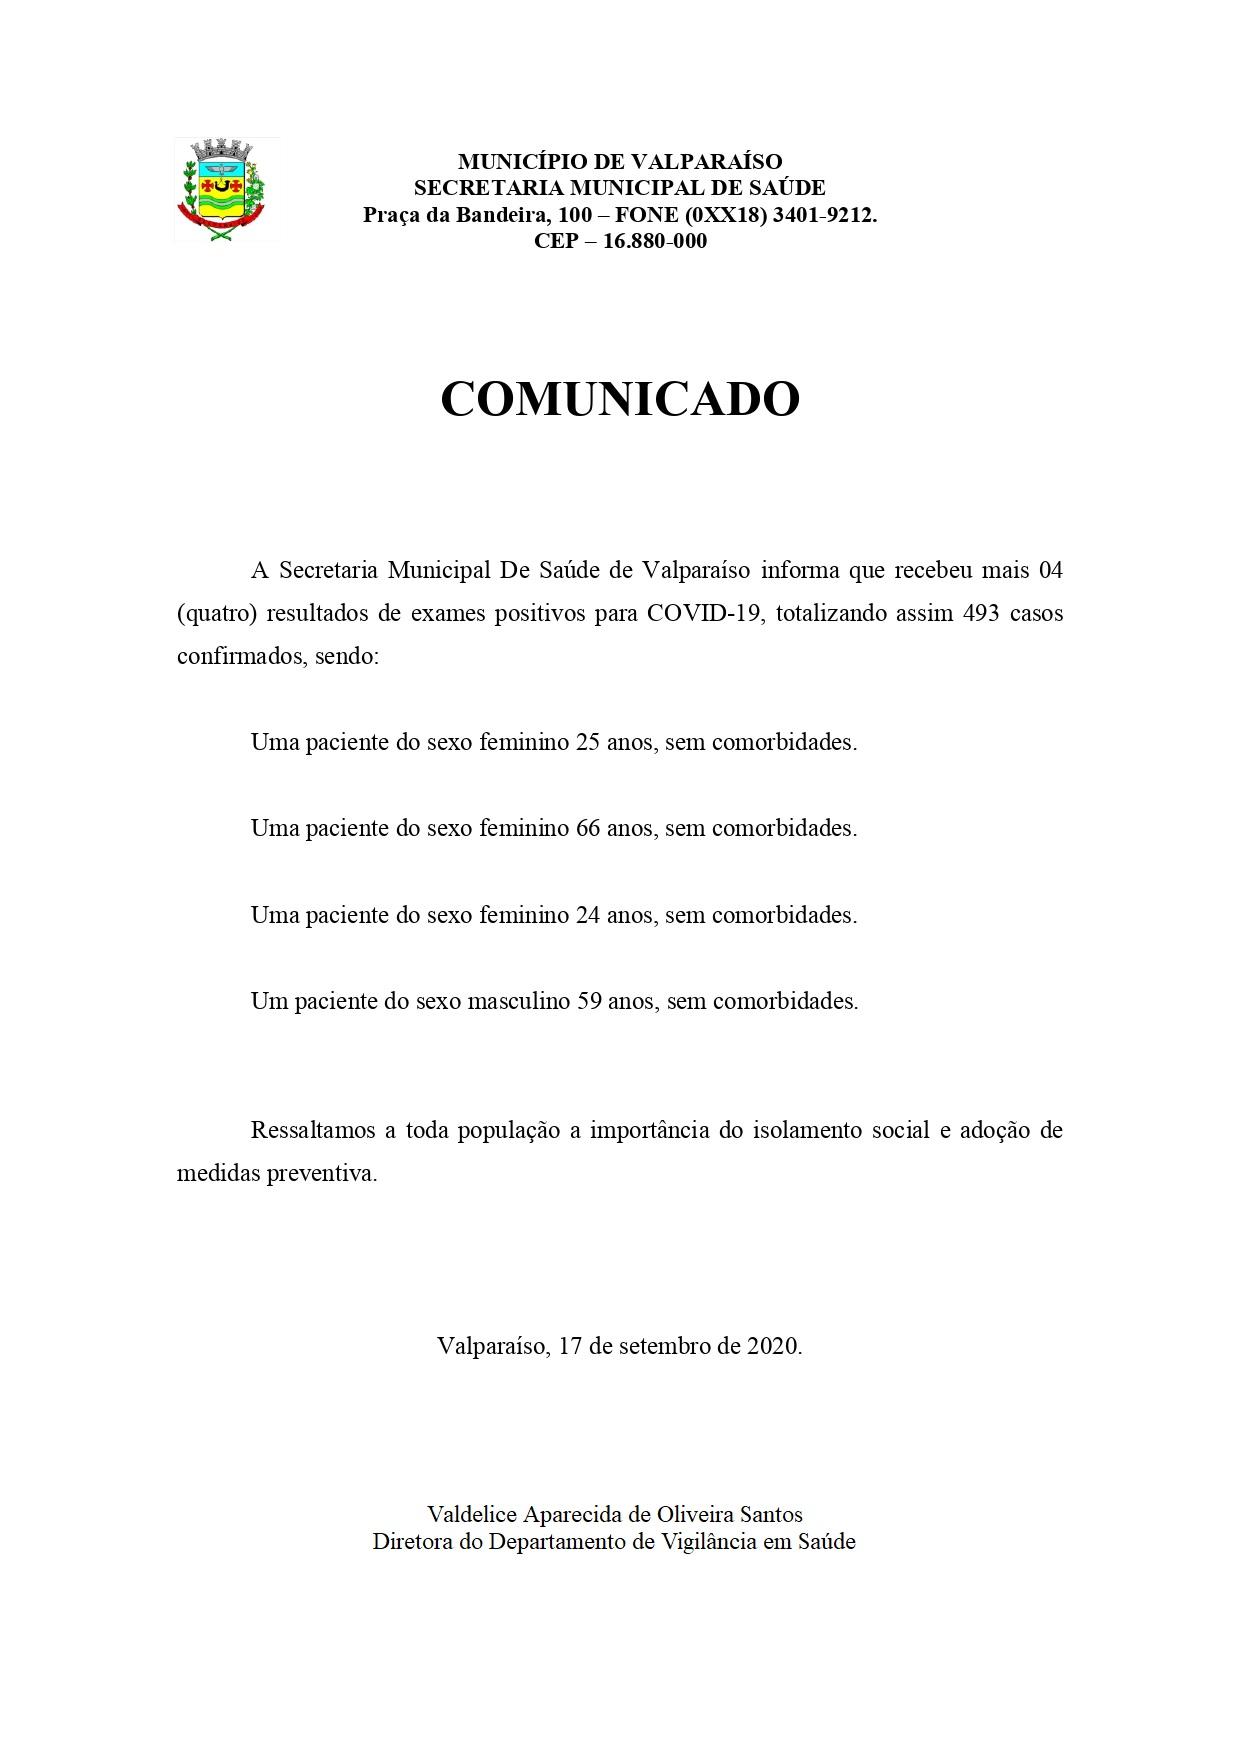 covid493